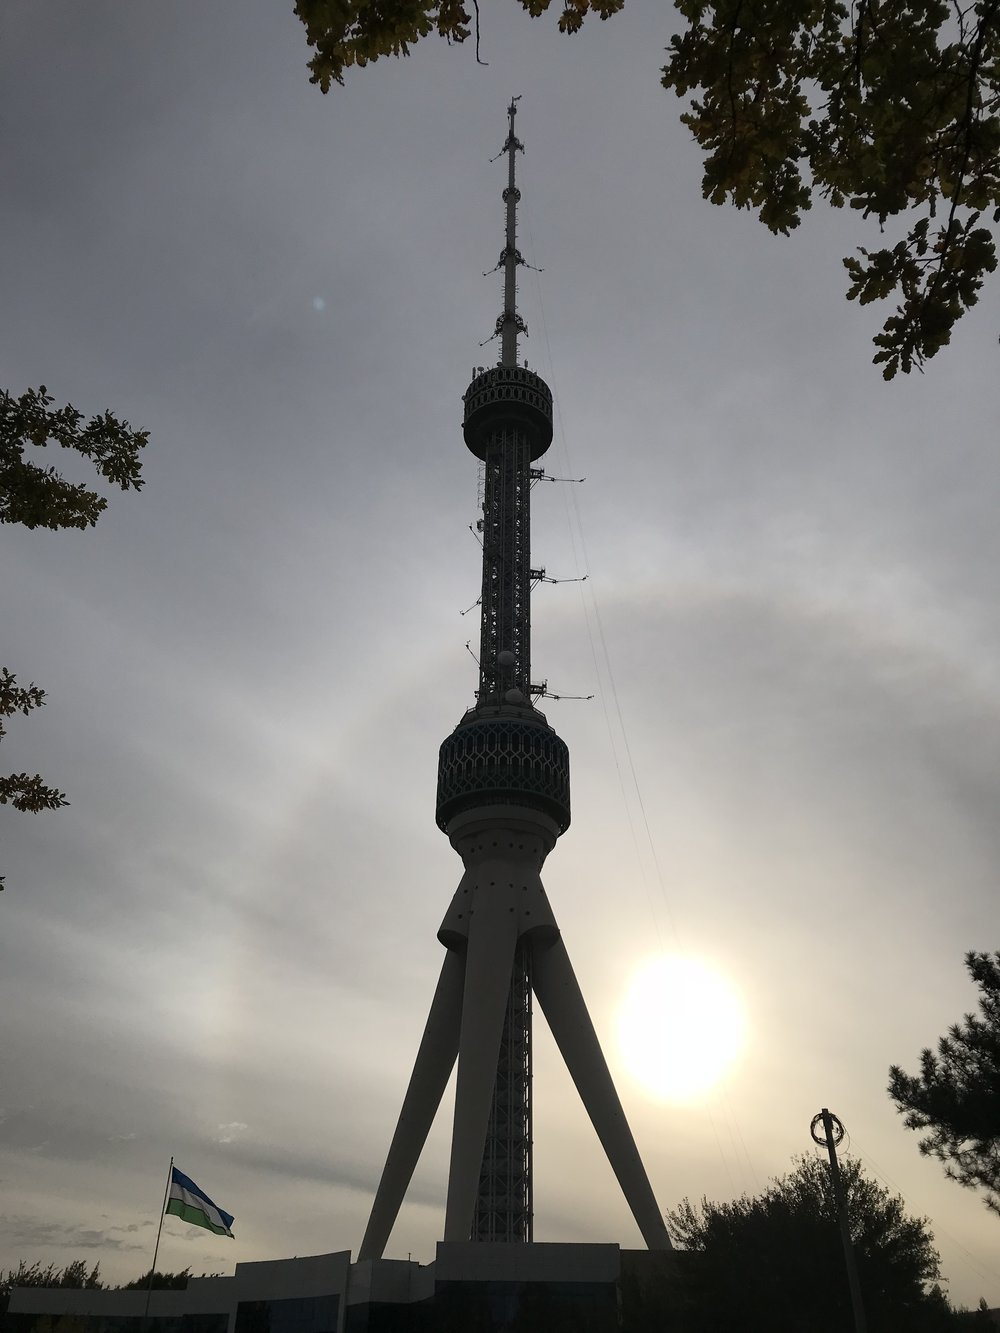 برج طشقند، منذ عام 1981م - أعلى مبنى في آسيا الوسطى، والحادي عشرة كأعلى برج في العالم، طوله 375م، يحتوي على مطعم فاخر في الأعلى لمن يريد الإستمتاع بمنظر علوي جميل